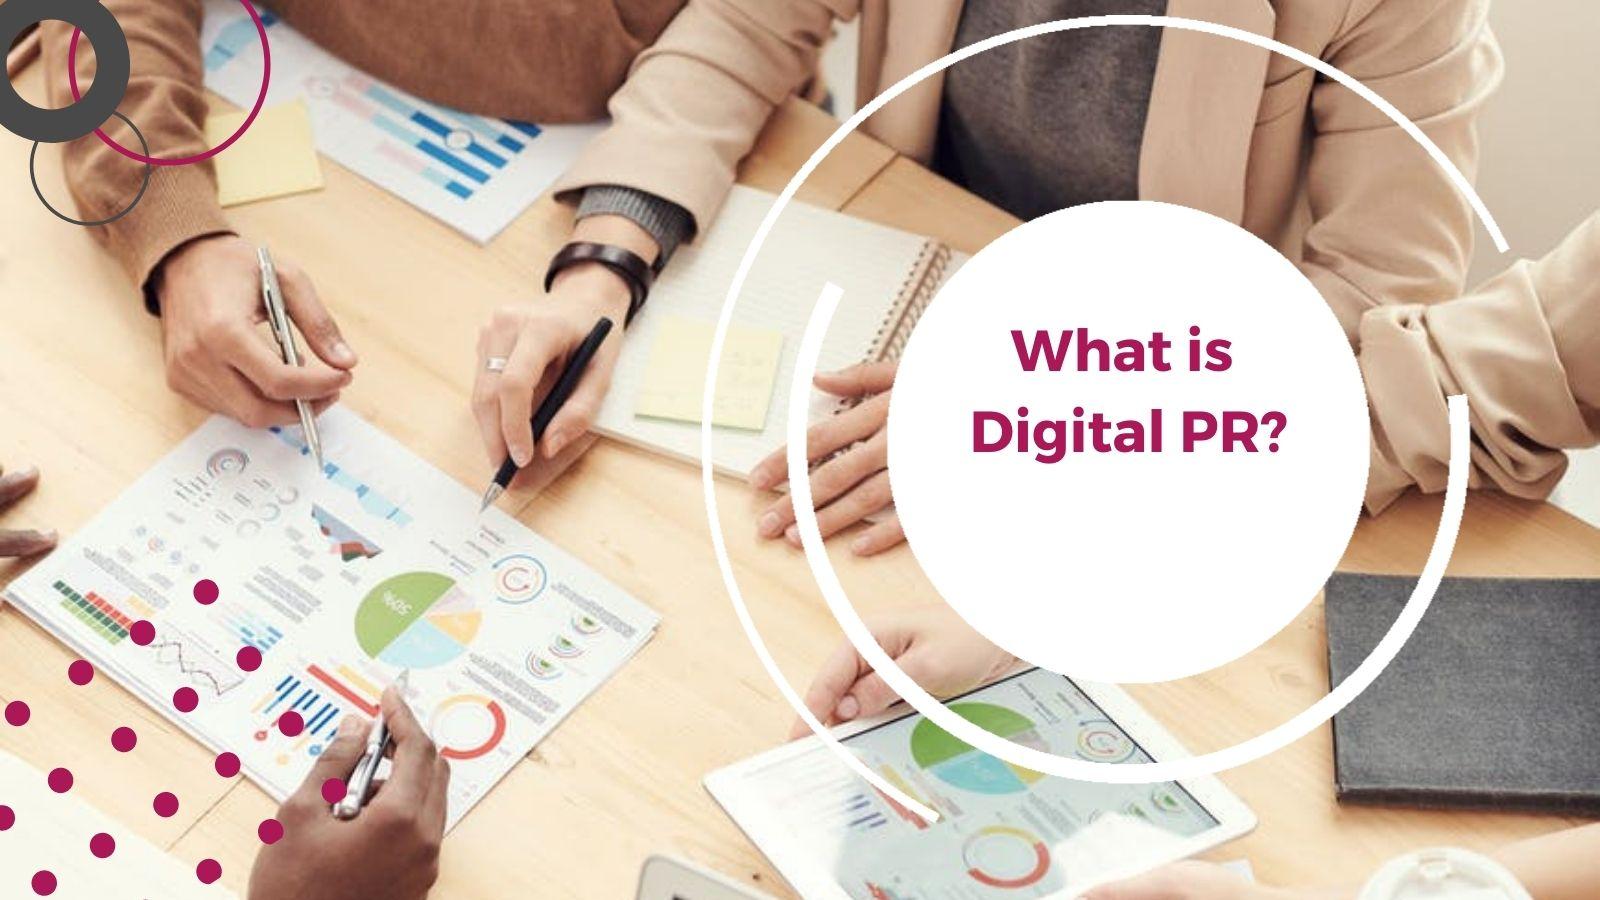 What is Digital PR?